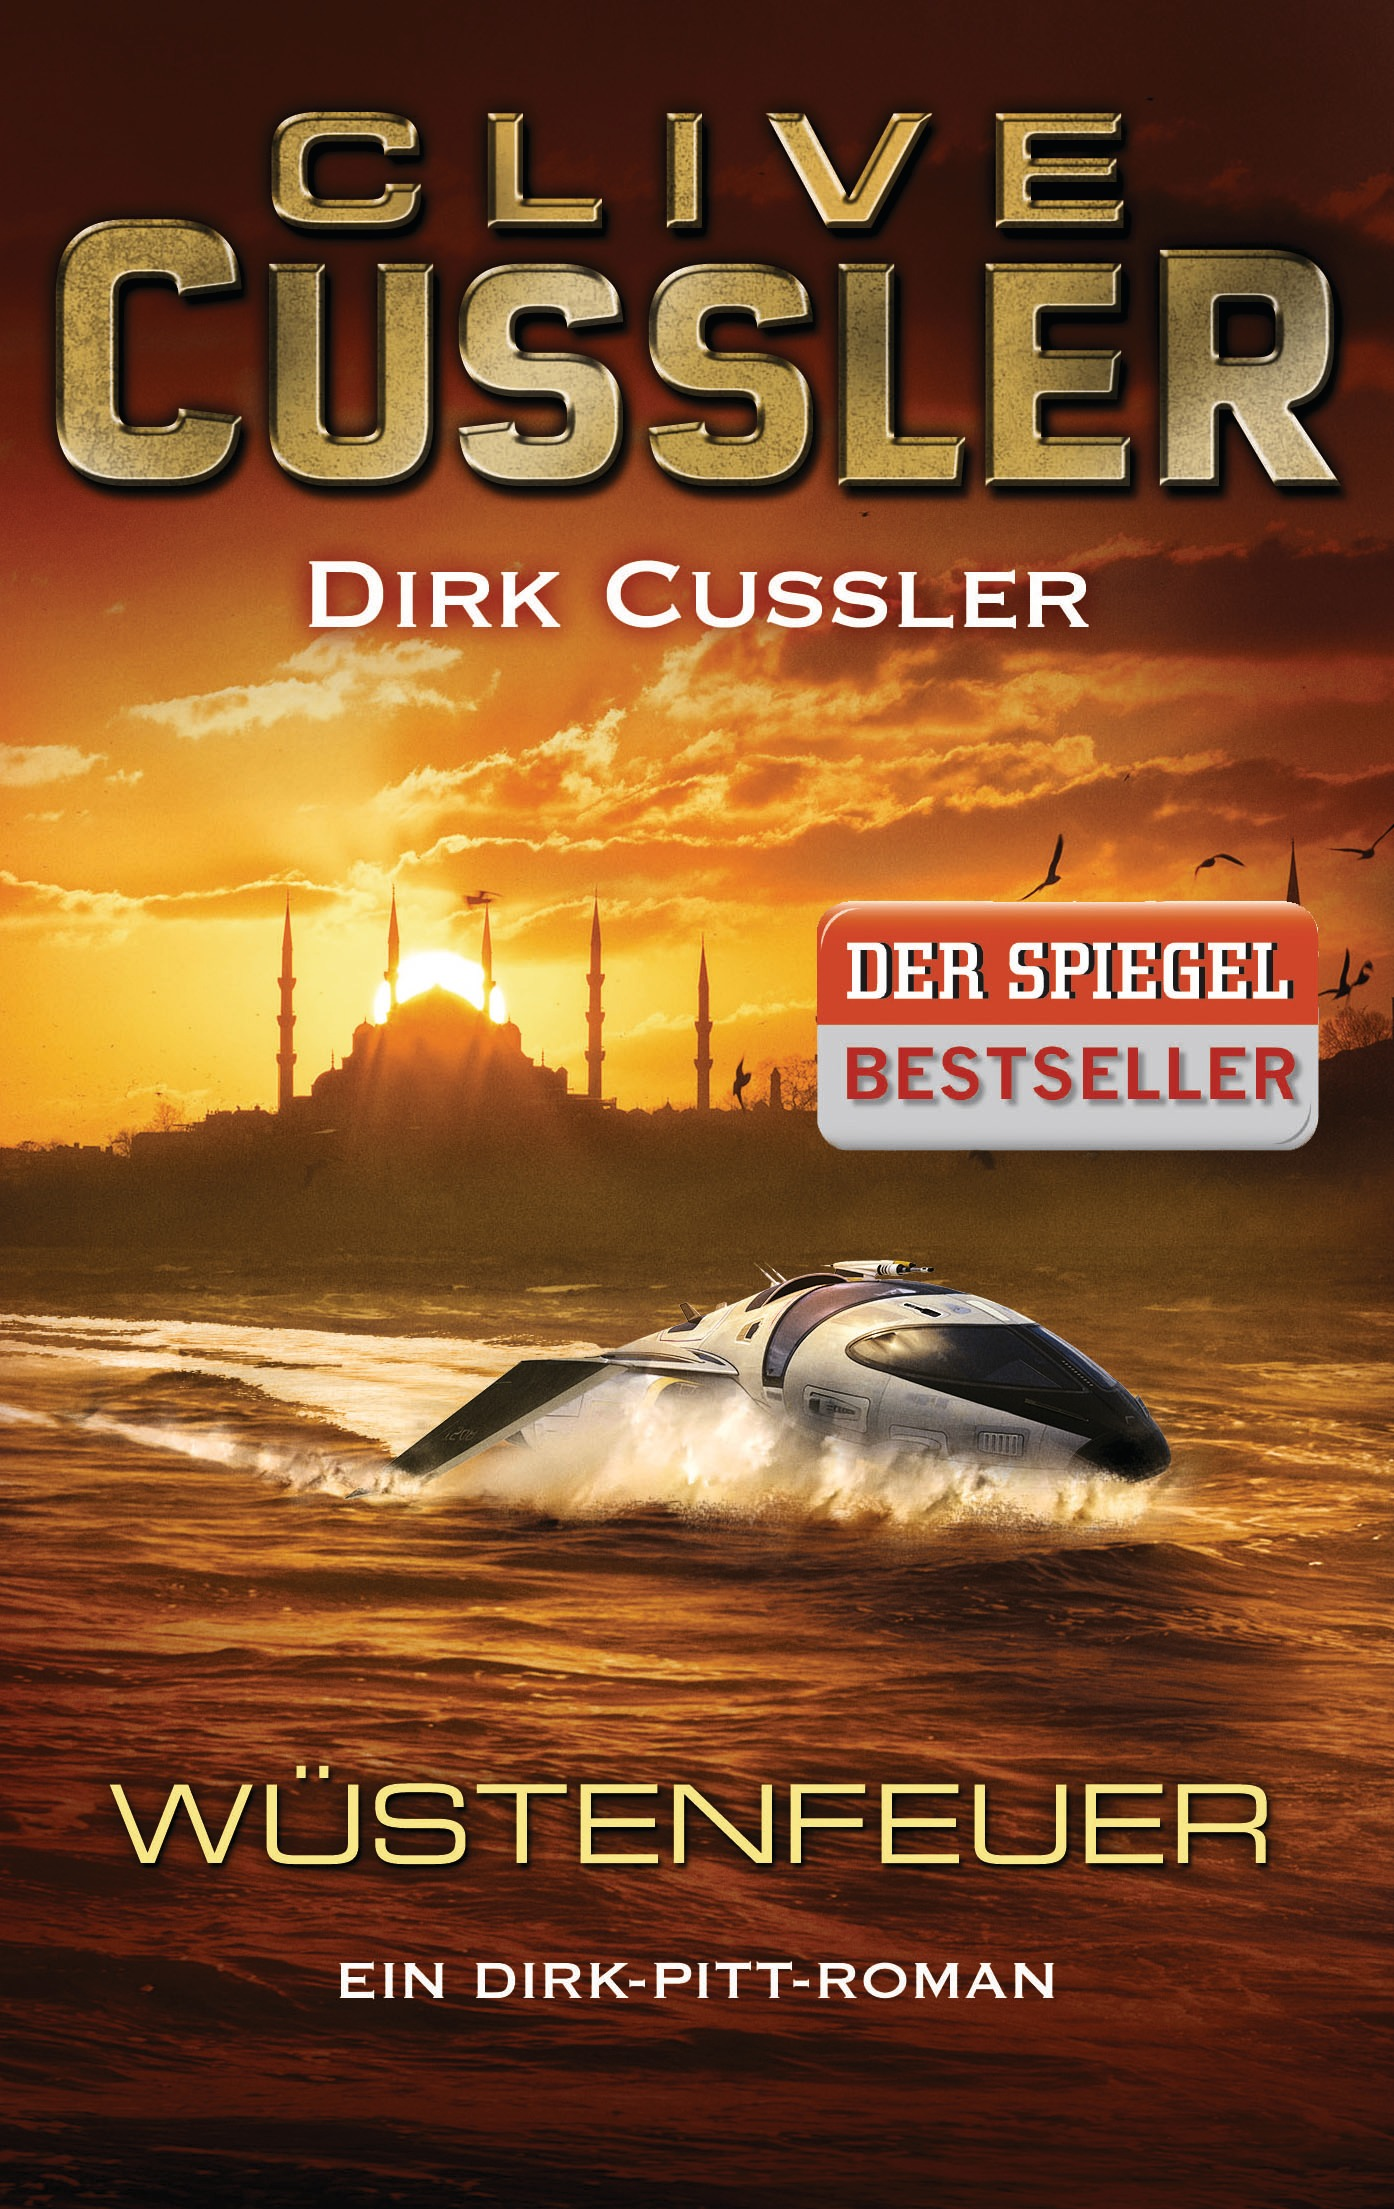 Wüstenfeuer: Ein Dirk-Pitt-Roman - Cussler, Clive